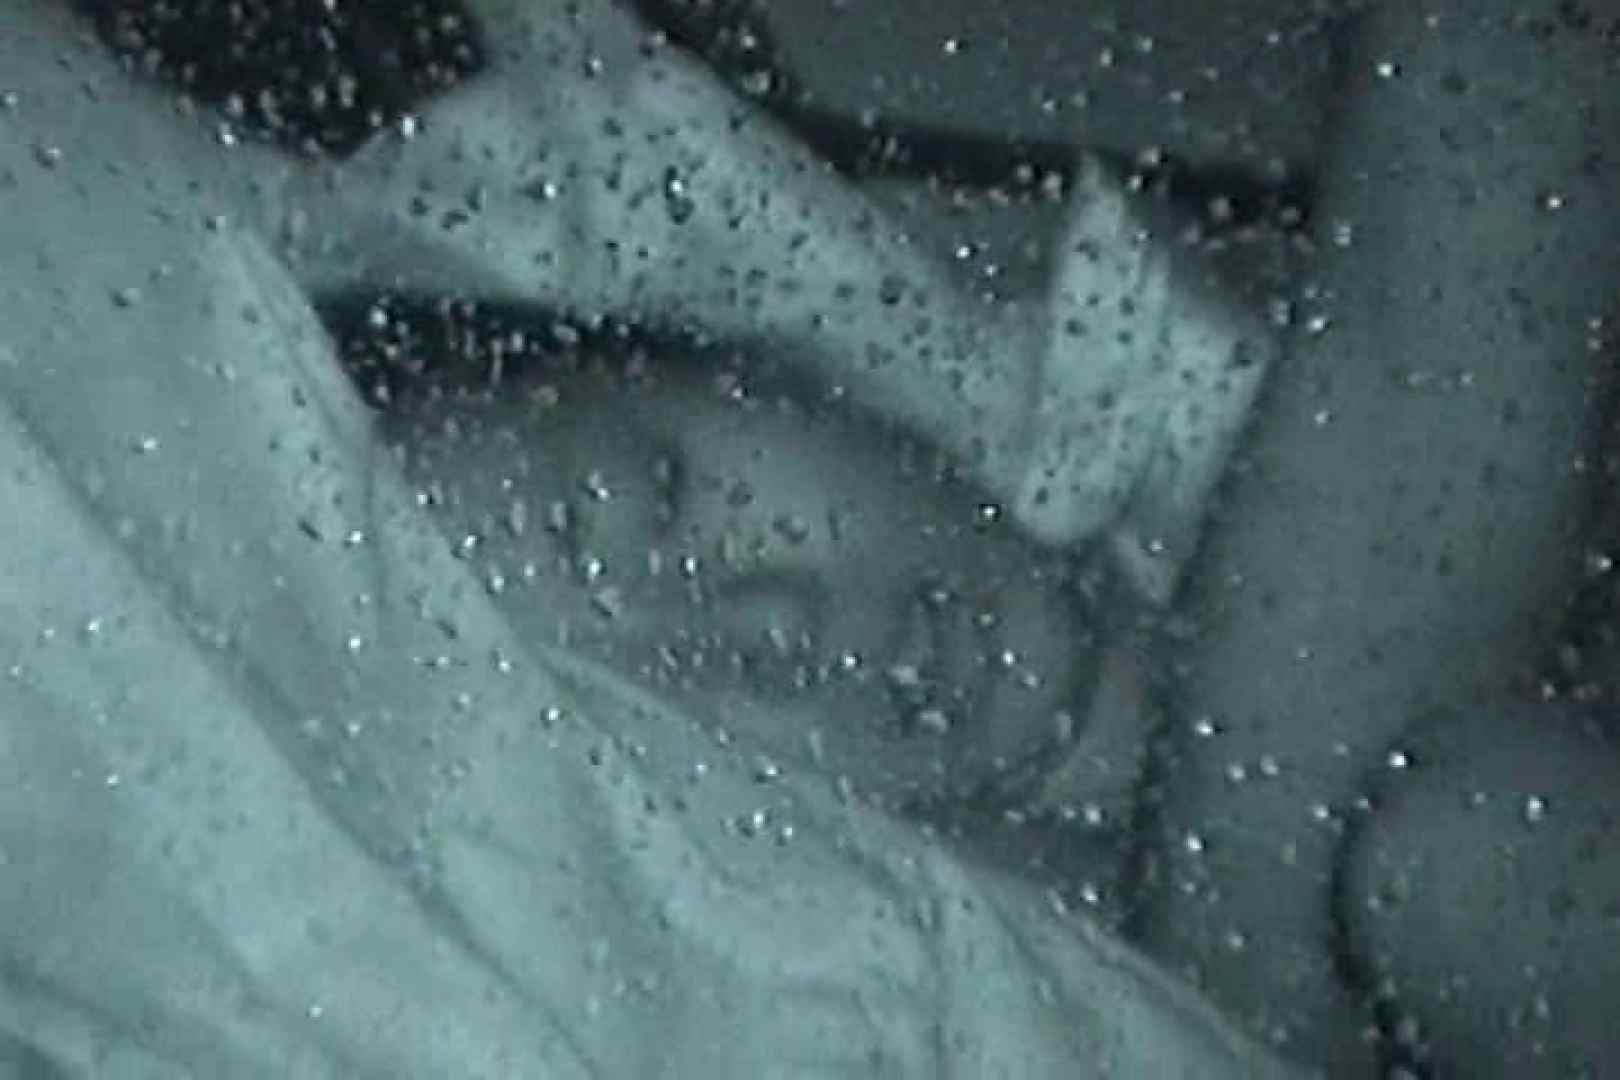 充血監督の深夜の運動会Vol.5 美女OL | 感じるセックス  36連発 17